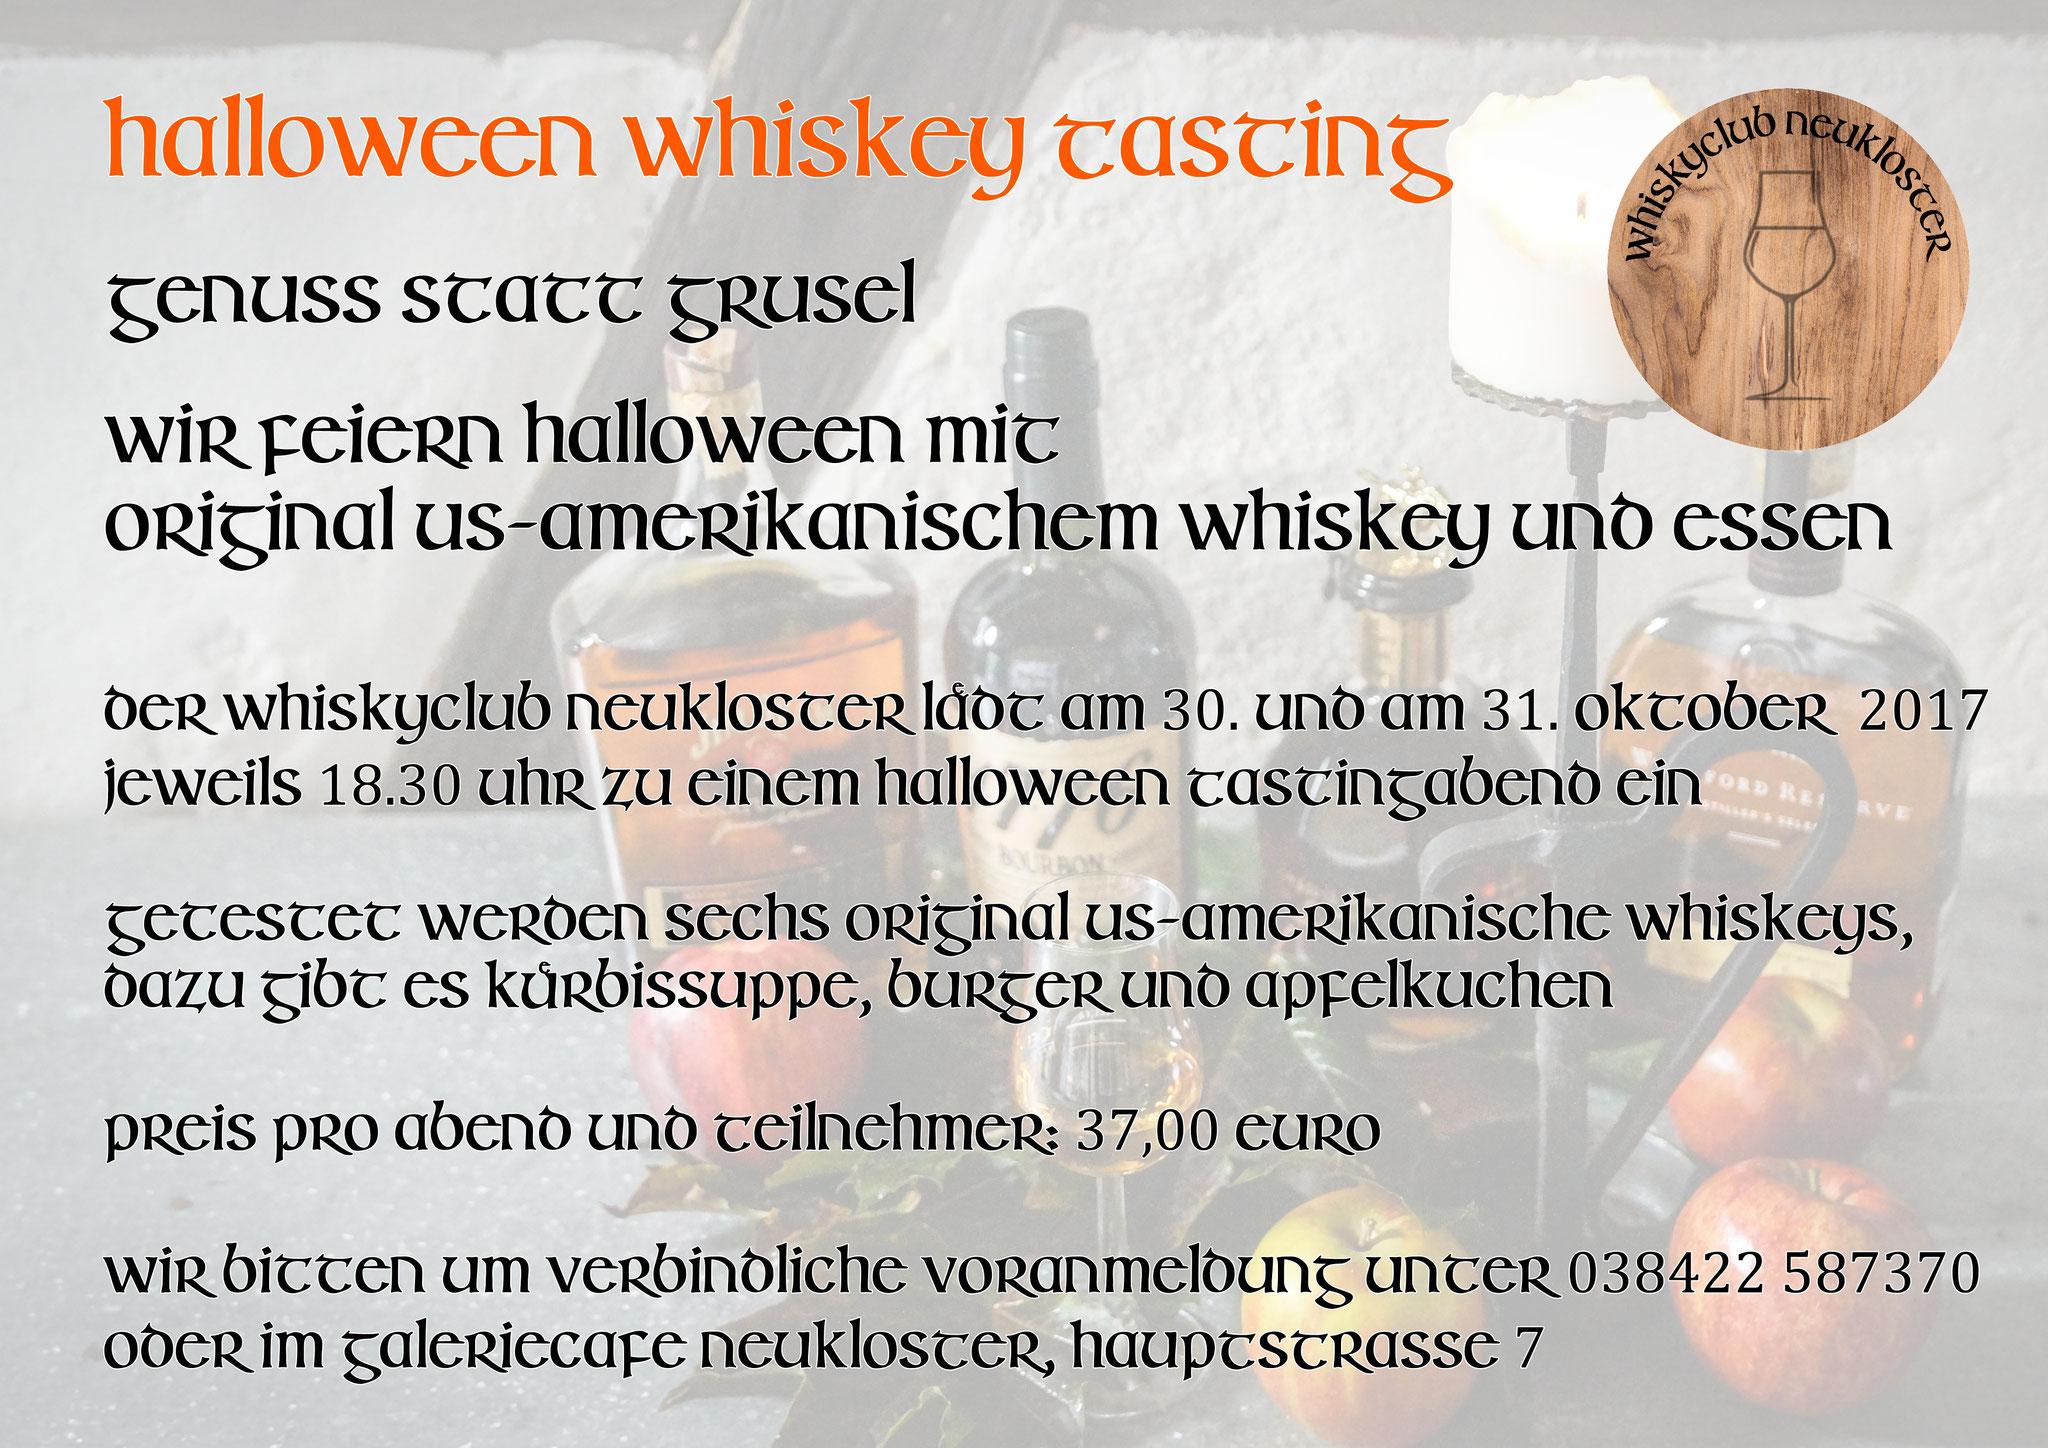 Gründung des Whiskyclubs Neukloster